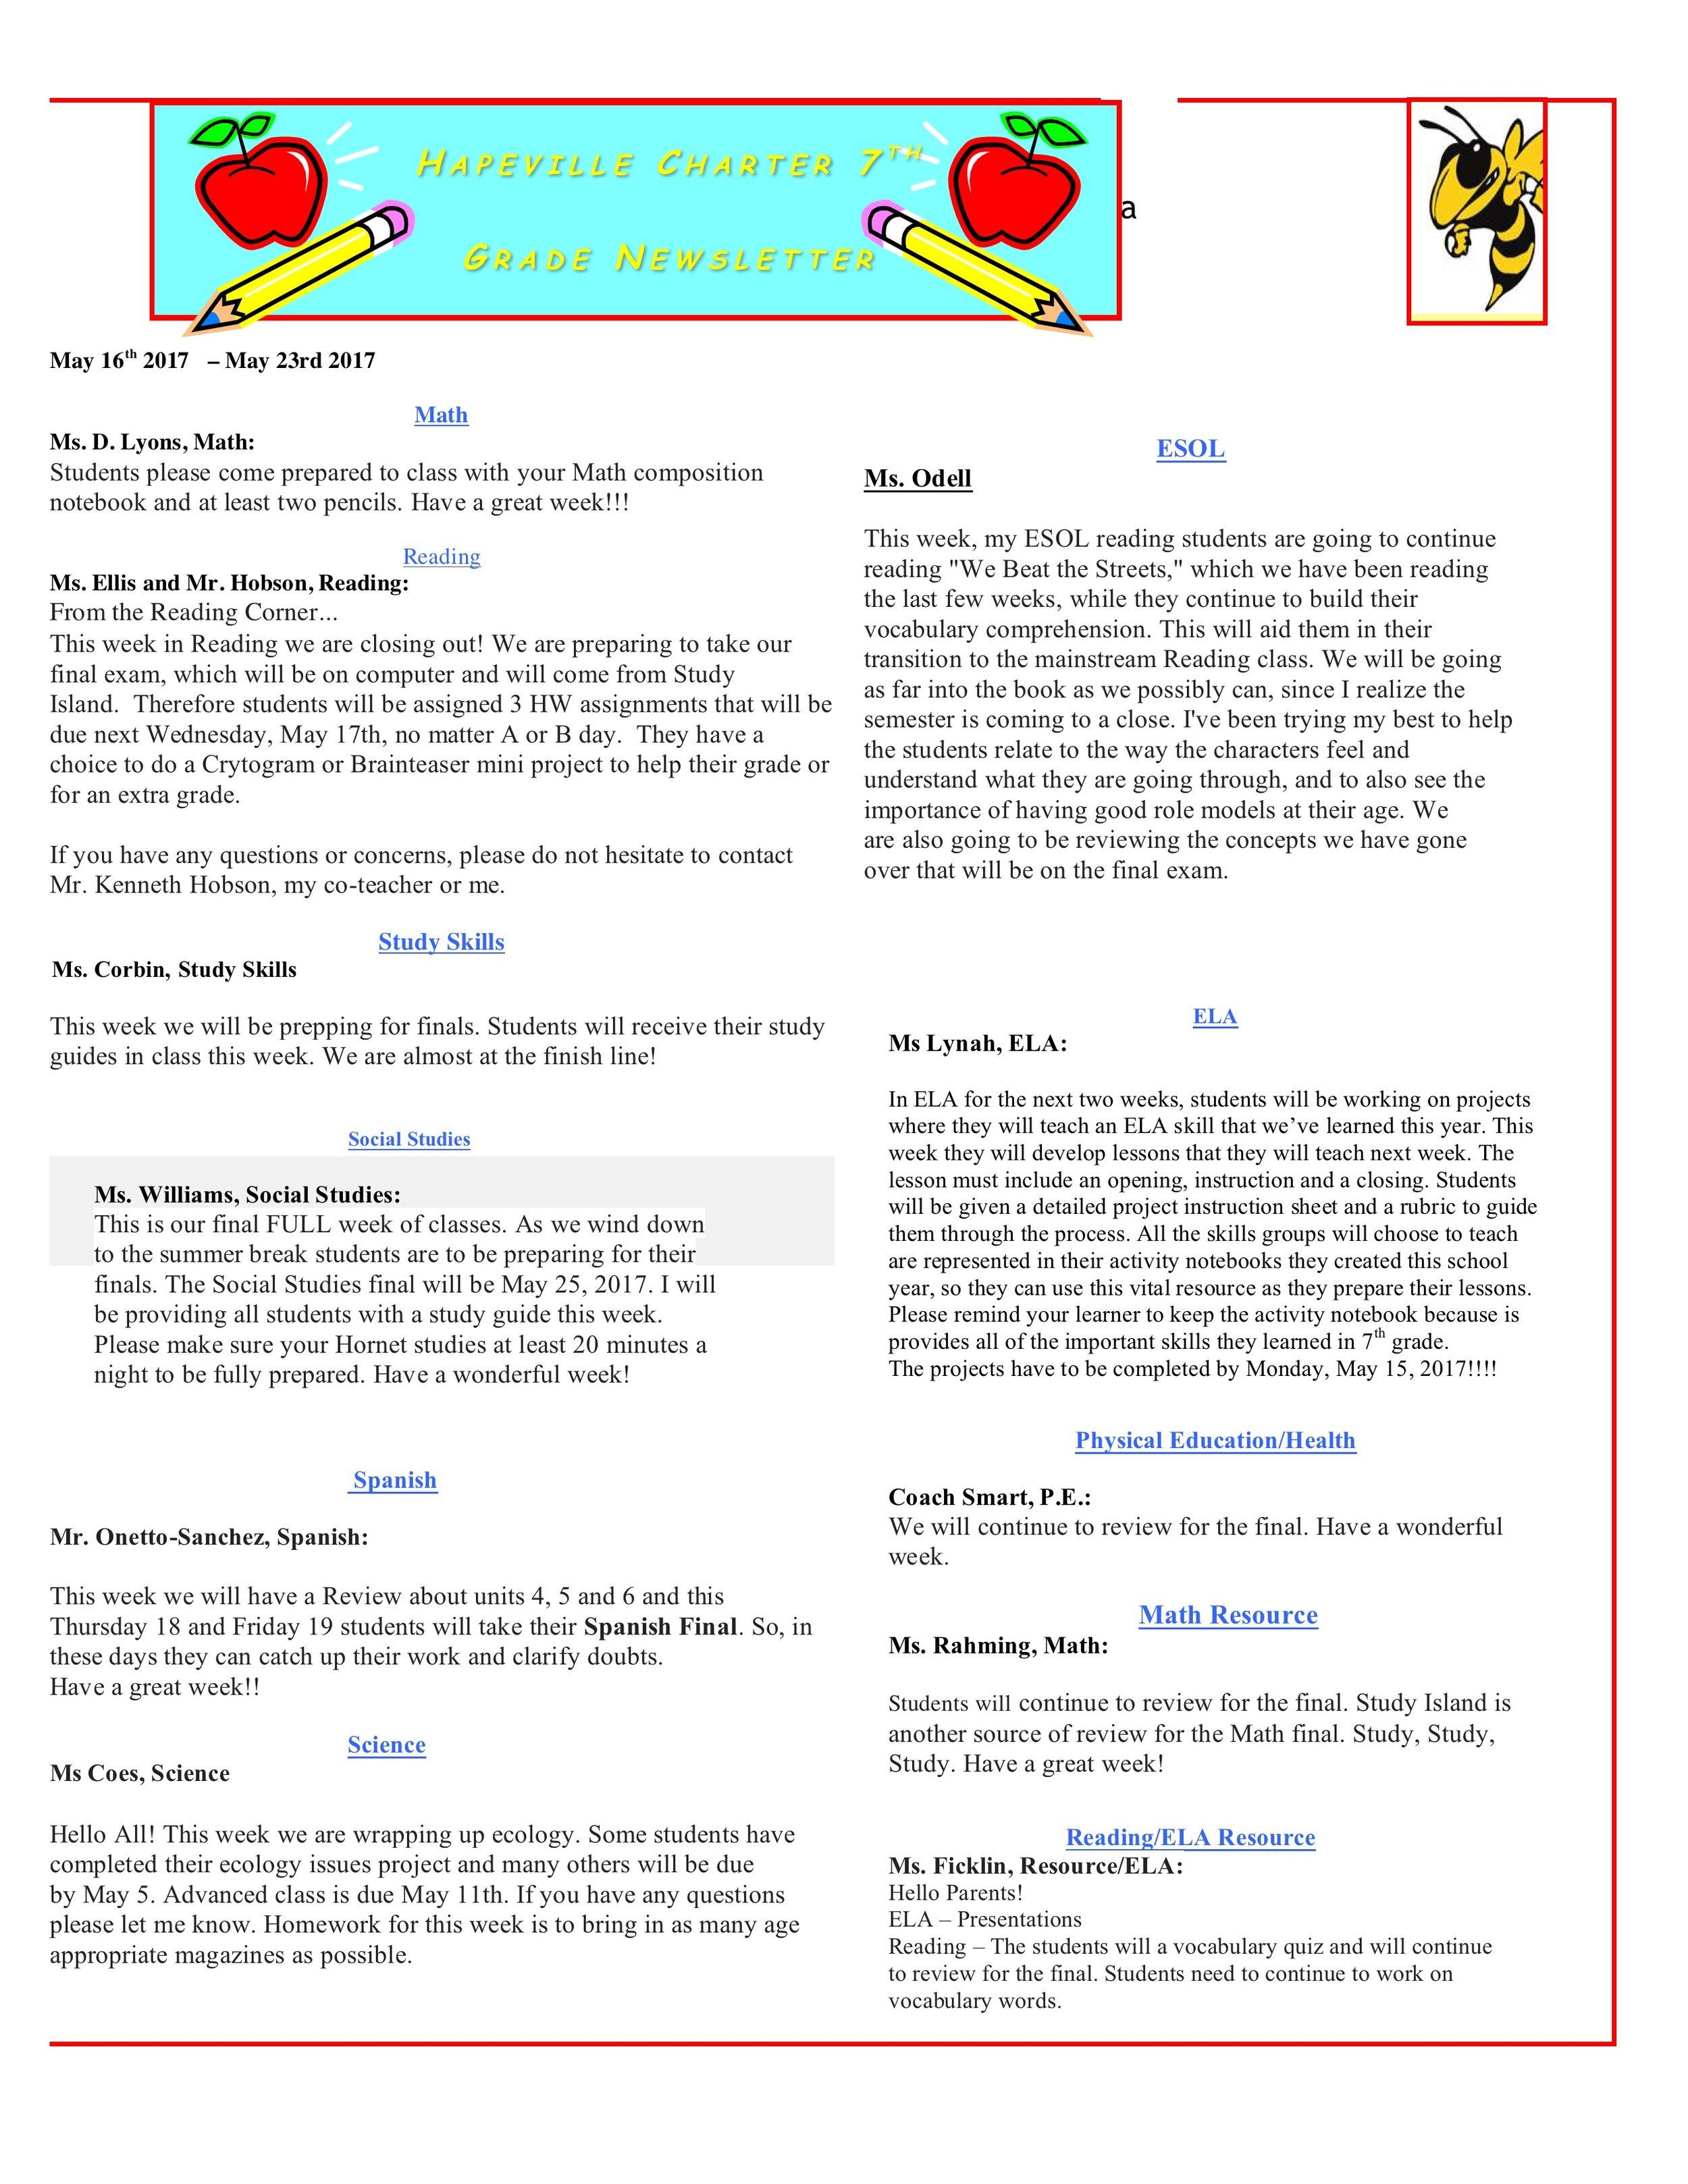 Newsletter Image7th Grade Newsletter 5-16-2017.jpeg